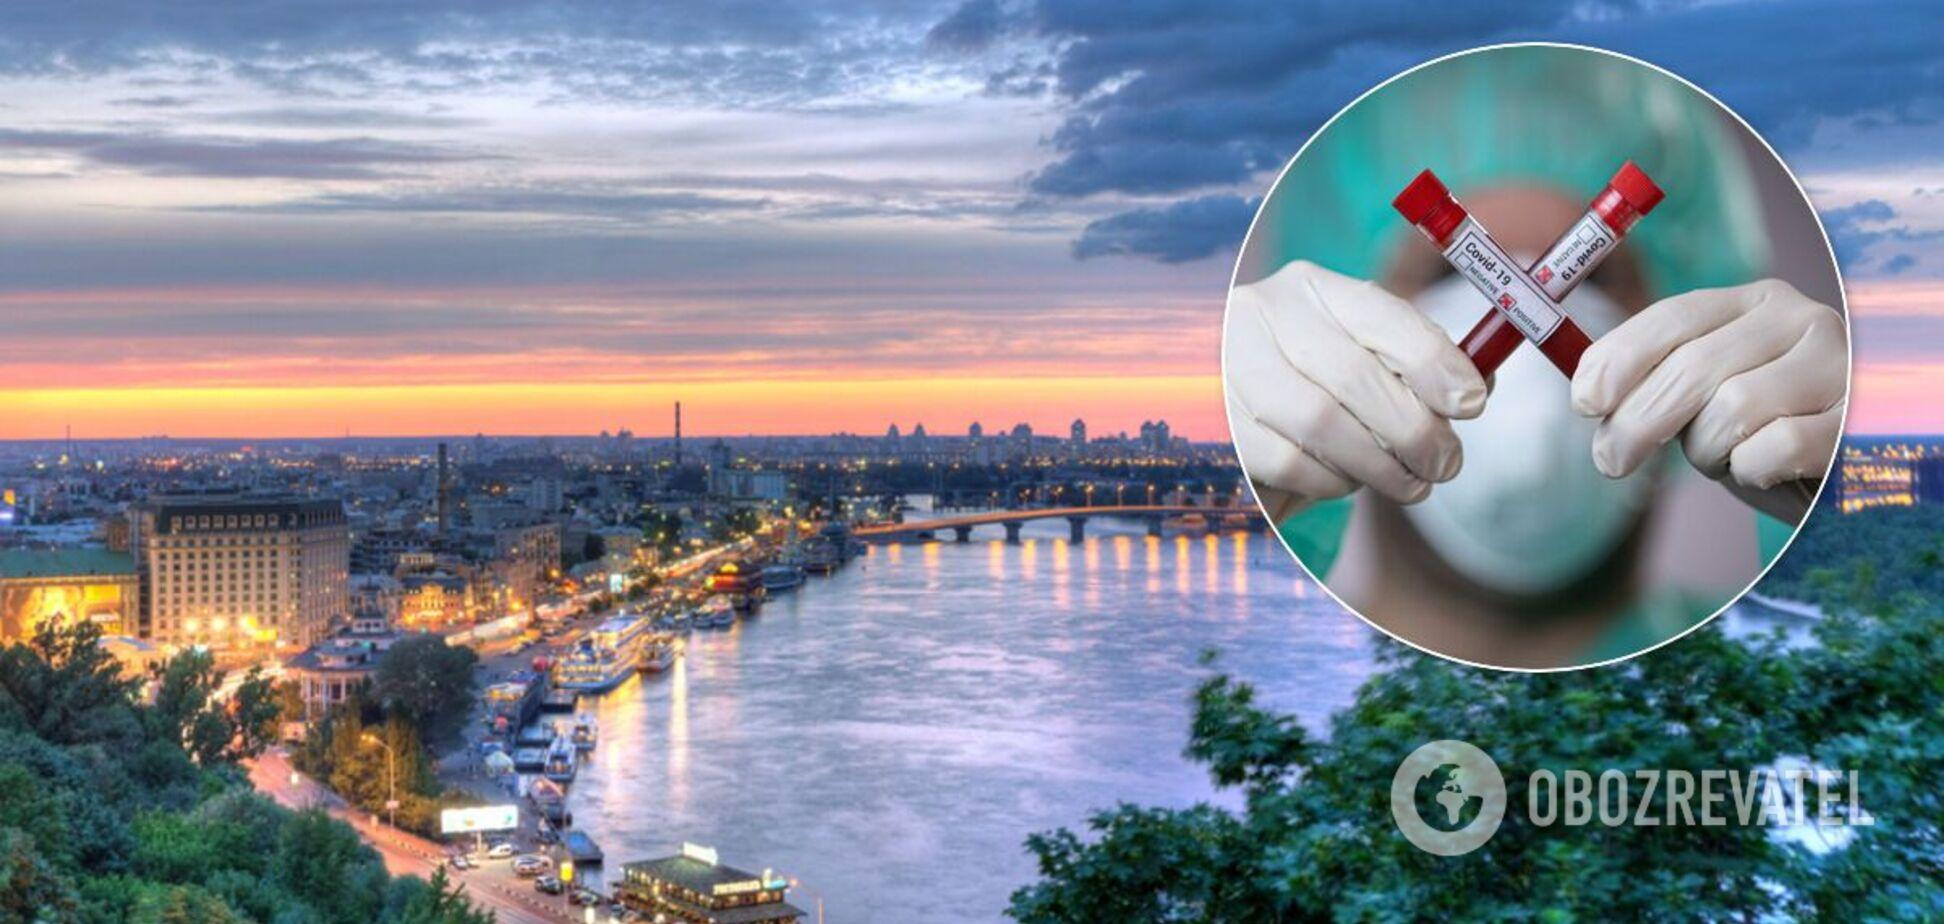 У Києві знову зафіксували велику кількість випадків COVID-19, виявлених за добу. Ілюстрація